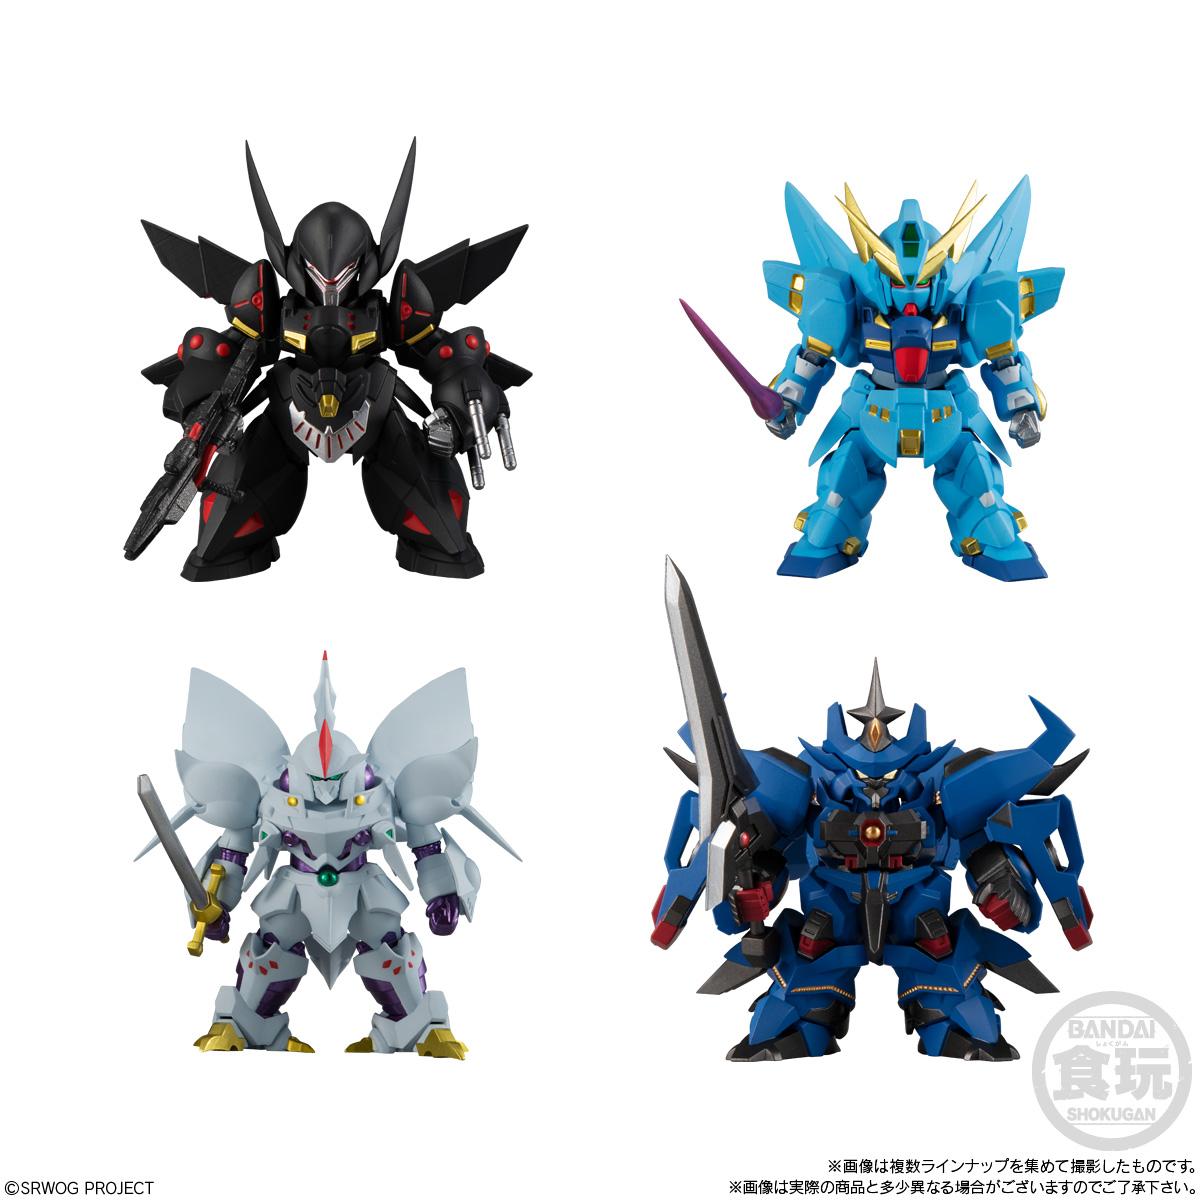 【食玩】スーパーロボット大戦OG『ORIGINAL COLLECTION 01』4個入りBOX-008